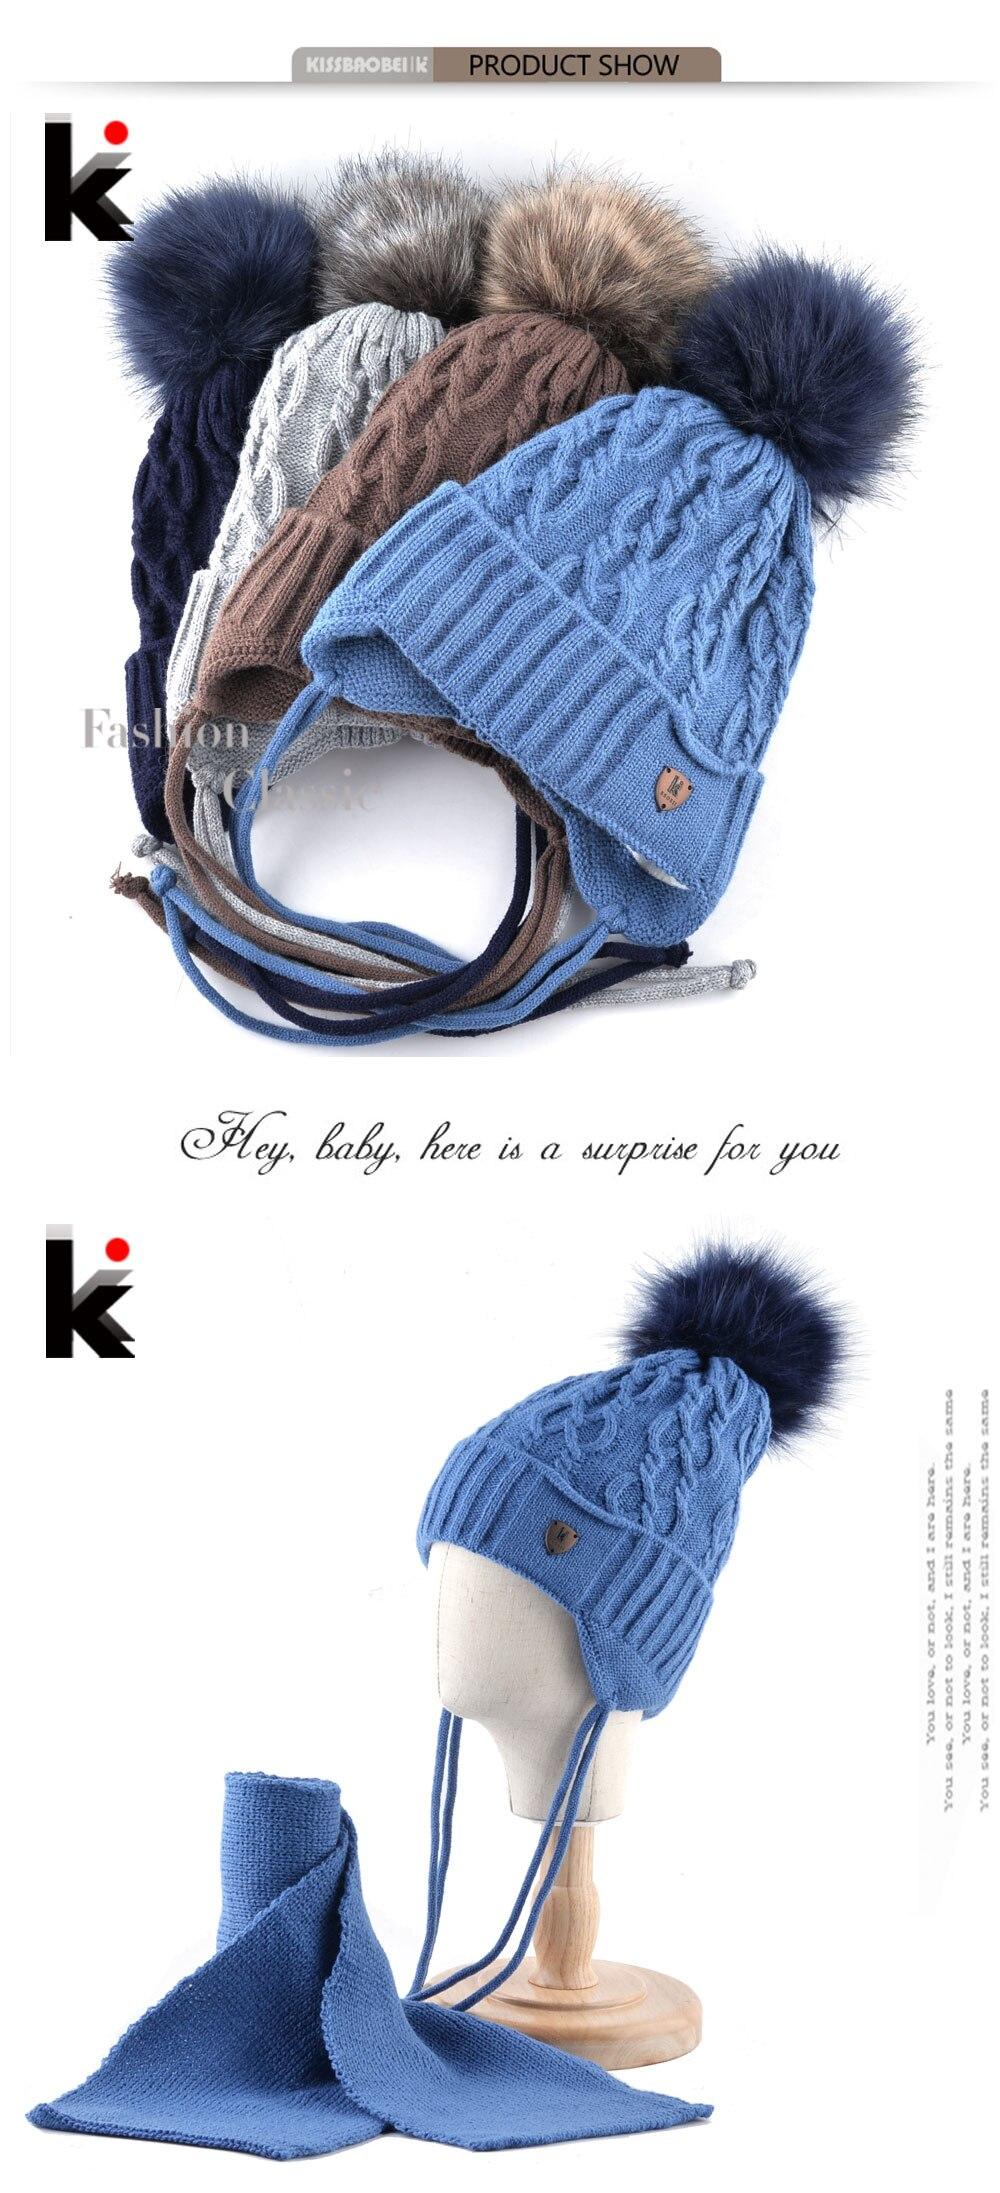 K marca sombreros de invierno bufanda para los niños caliente gorros ...